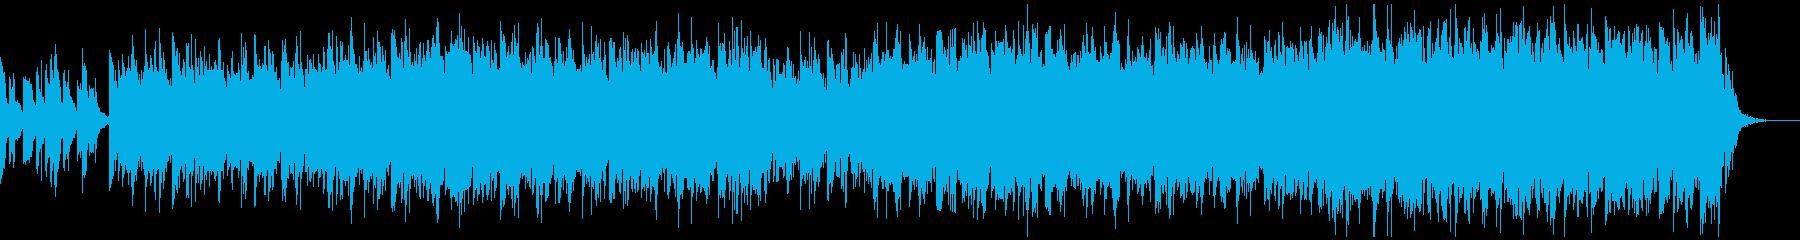 古墳のような遺跡のイメージのBGMの再生済みの波形